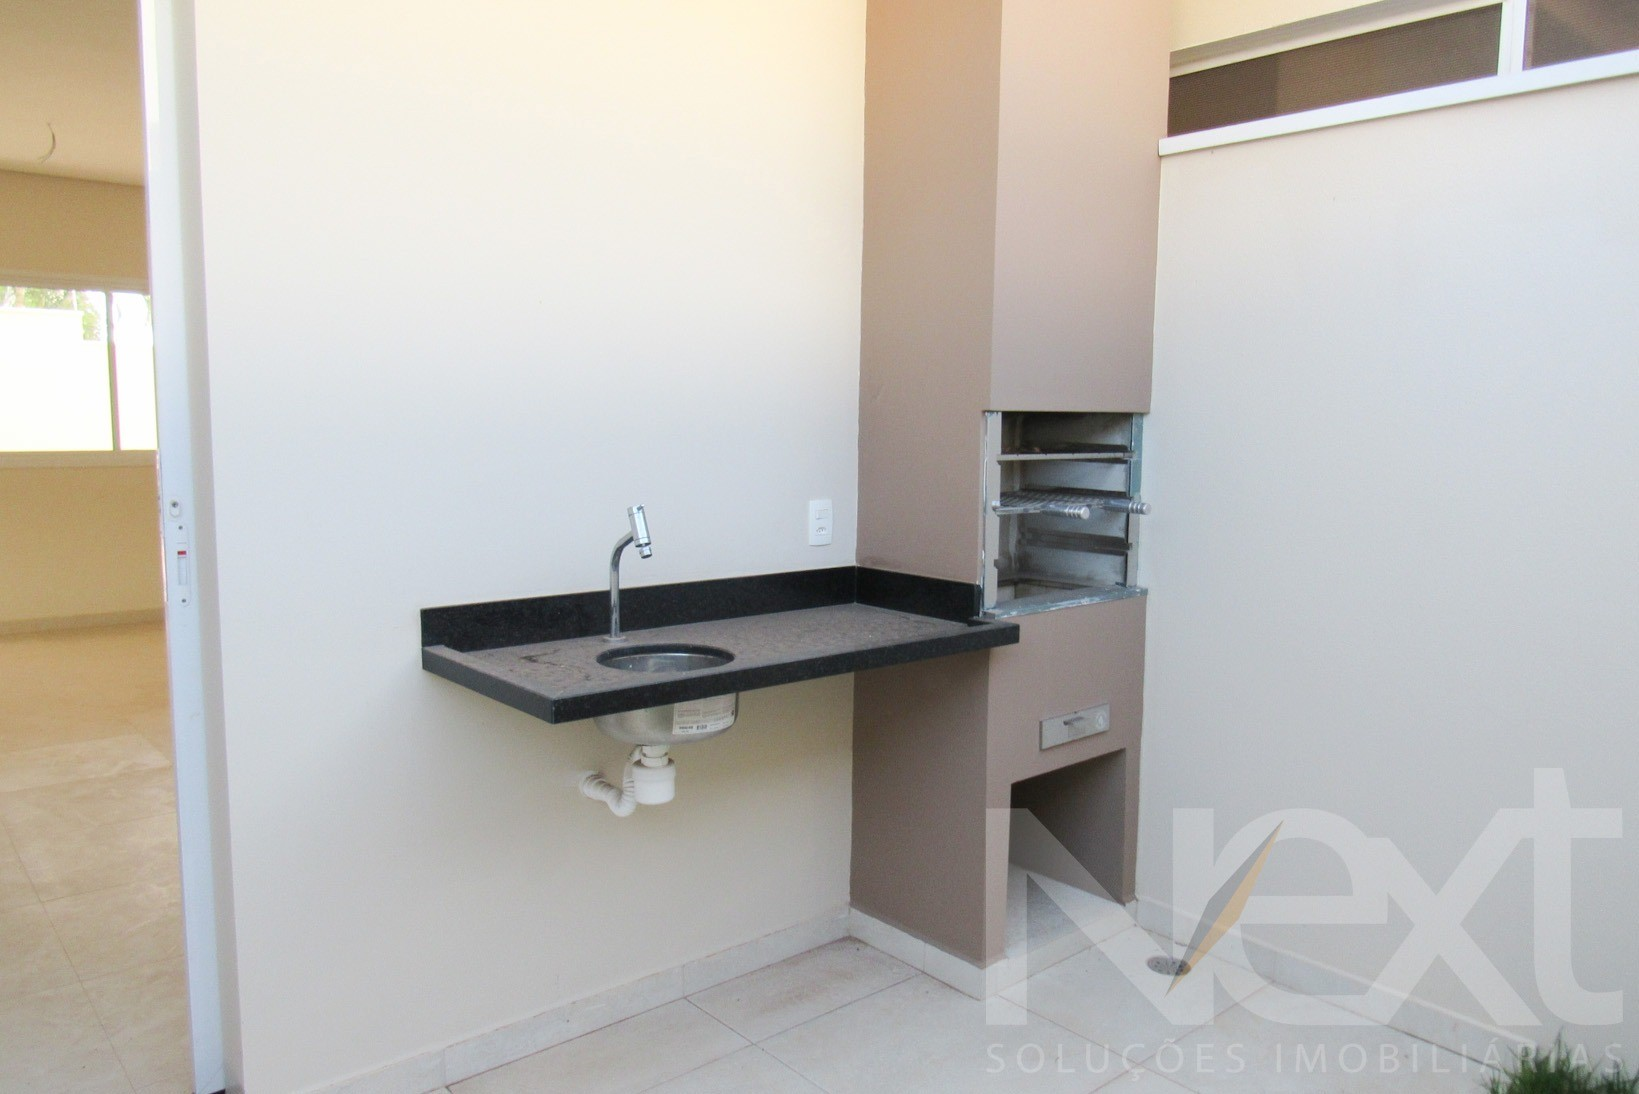 Condomínio de 3 dormitórios à venda em Mansoes Santo Antonio, Campinas - SP